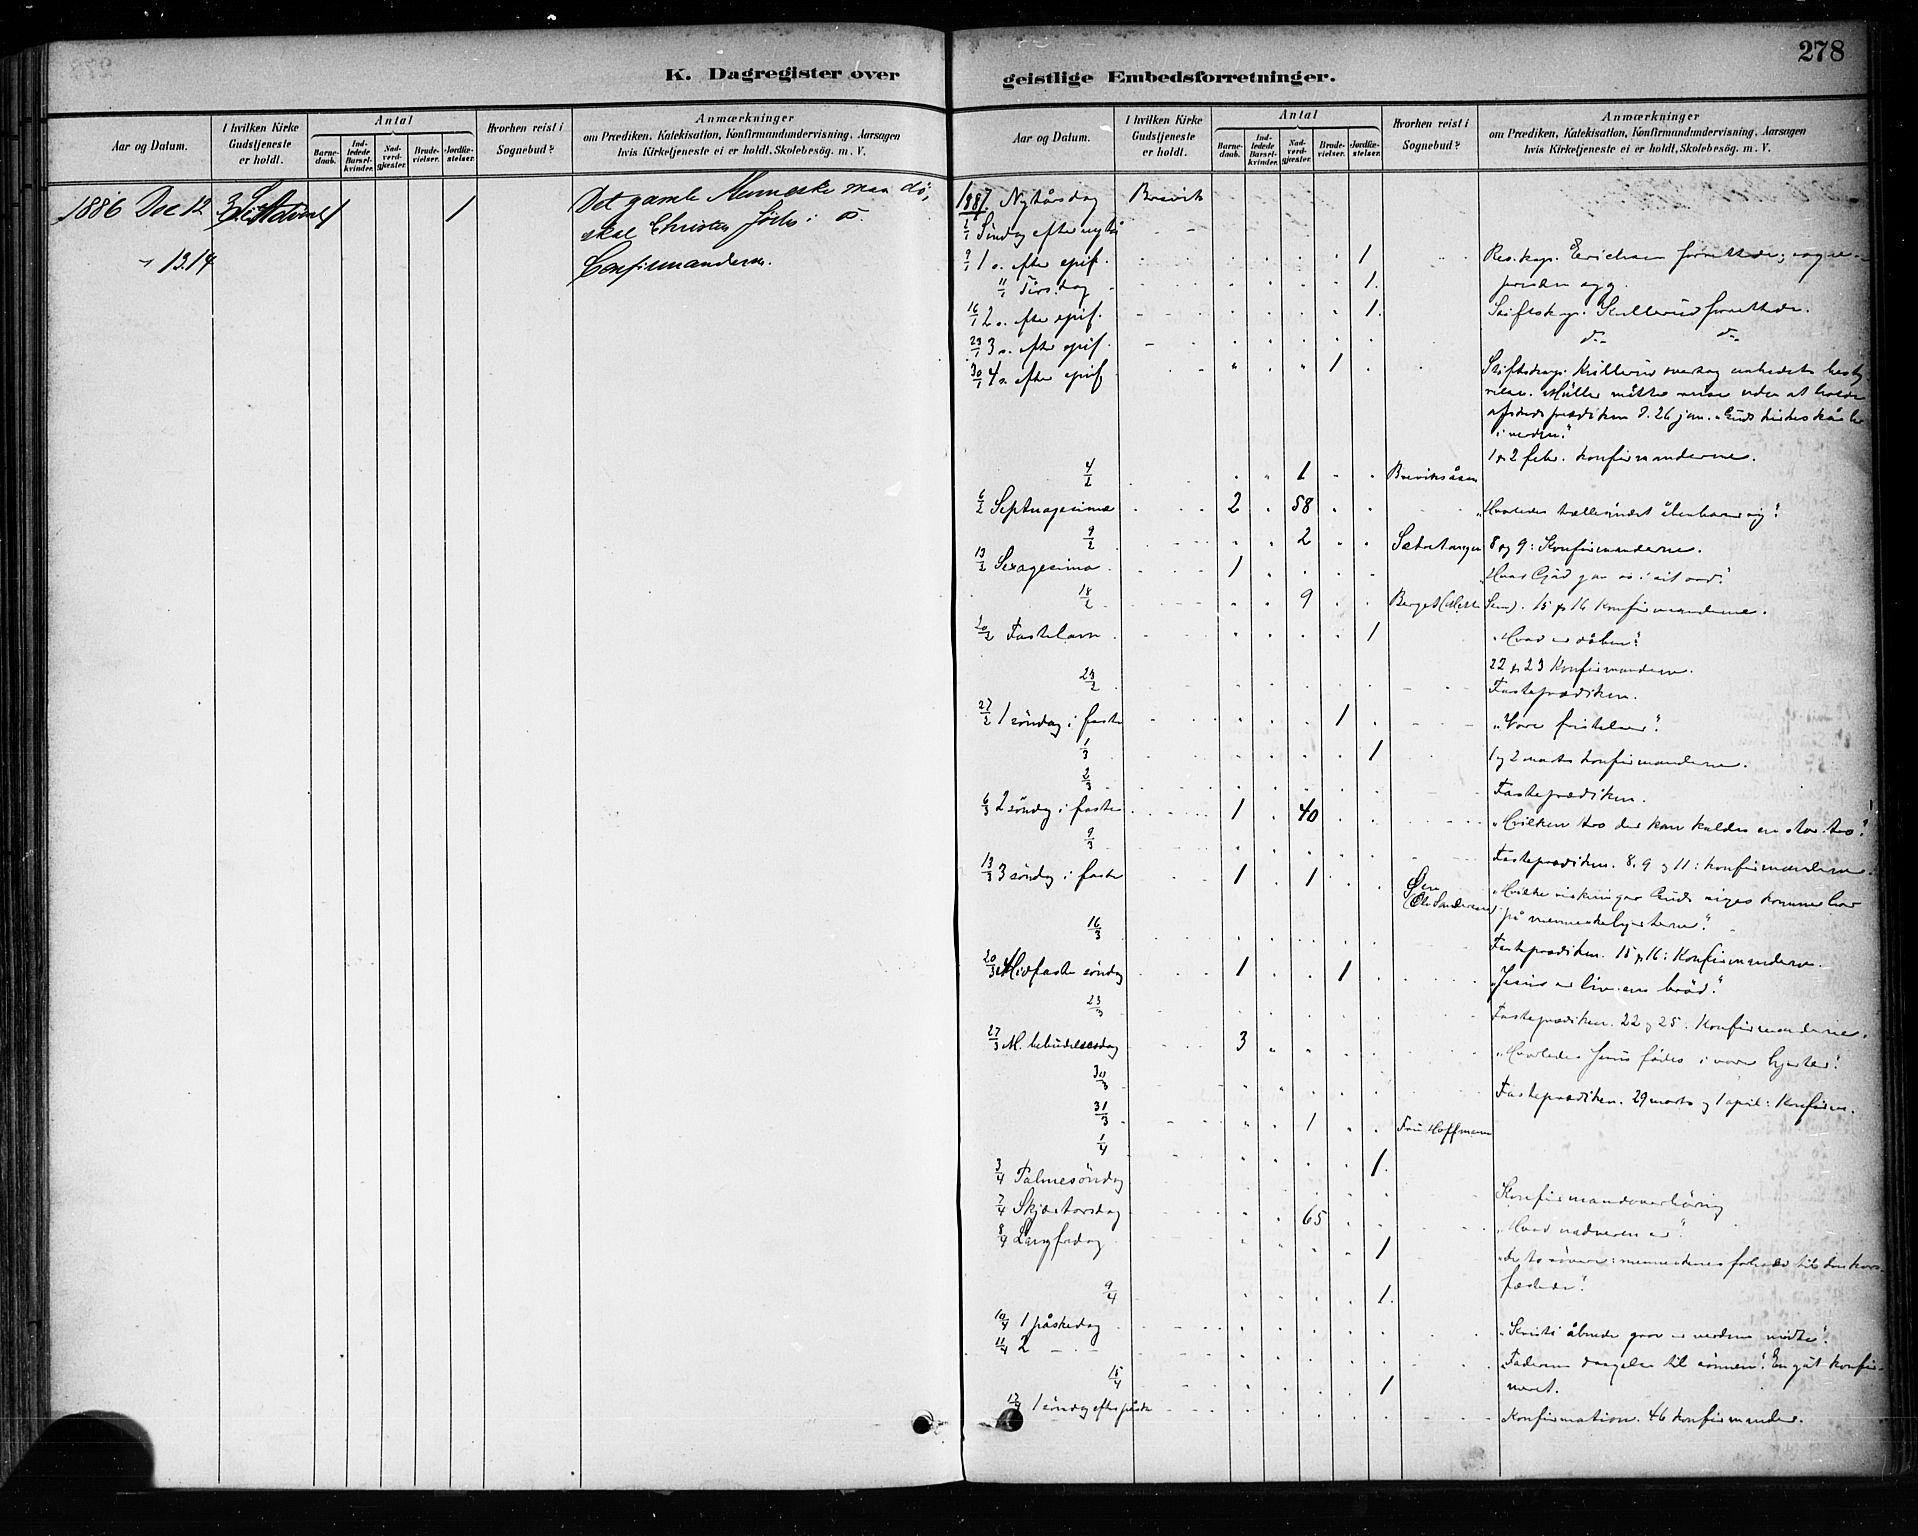 SAKO, Brevik kirkebøker, F/Fa/L0007: Ministerialbok nr. 7, 1882-1900, s. 278